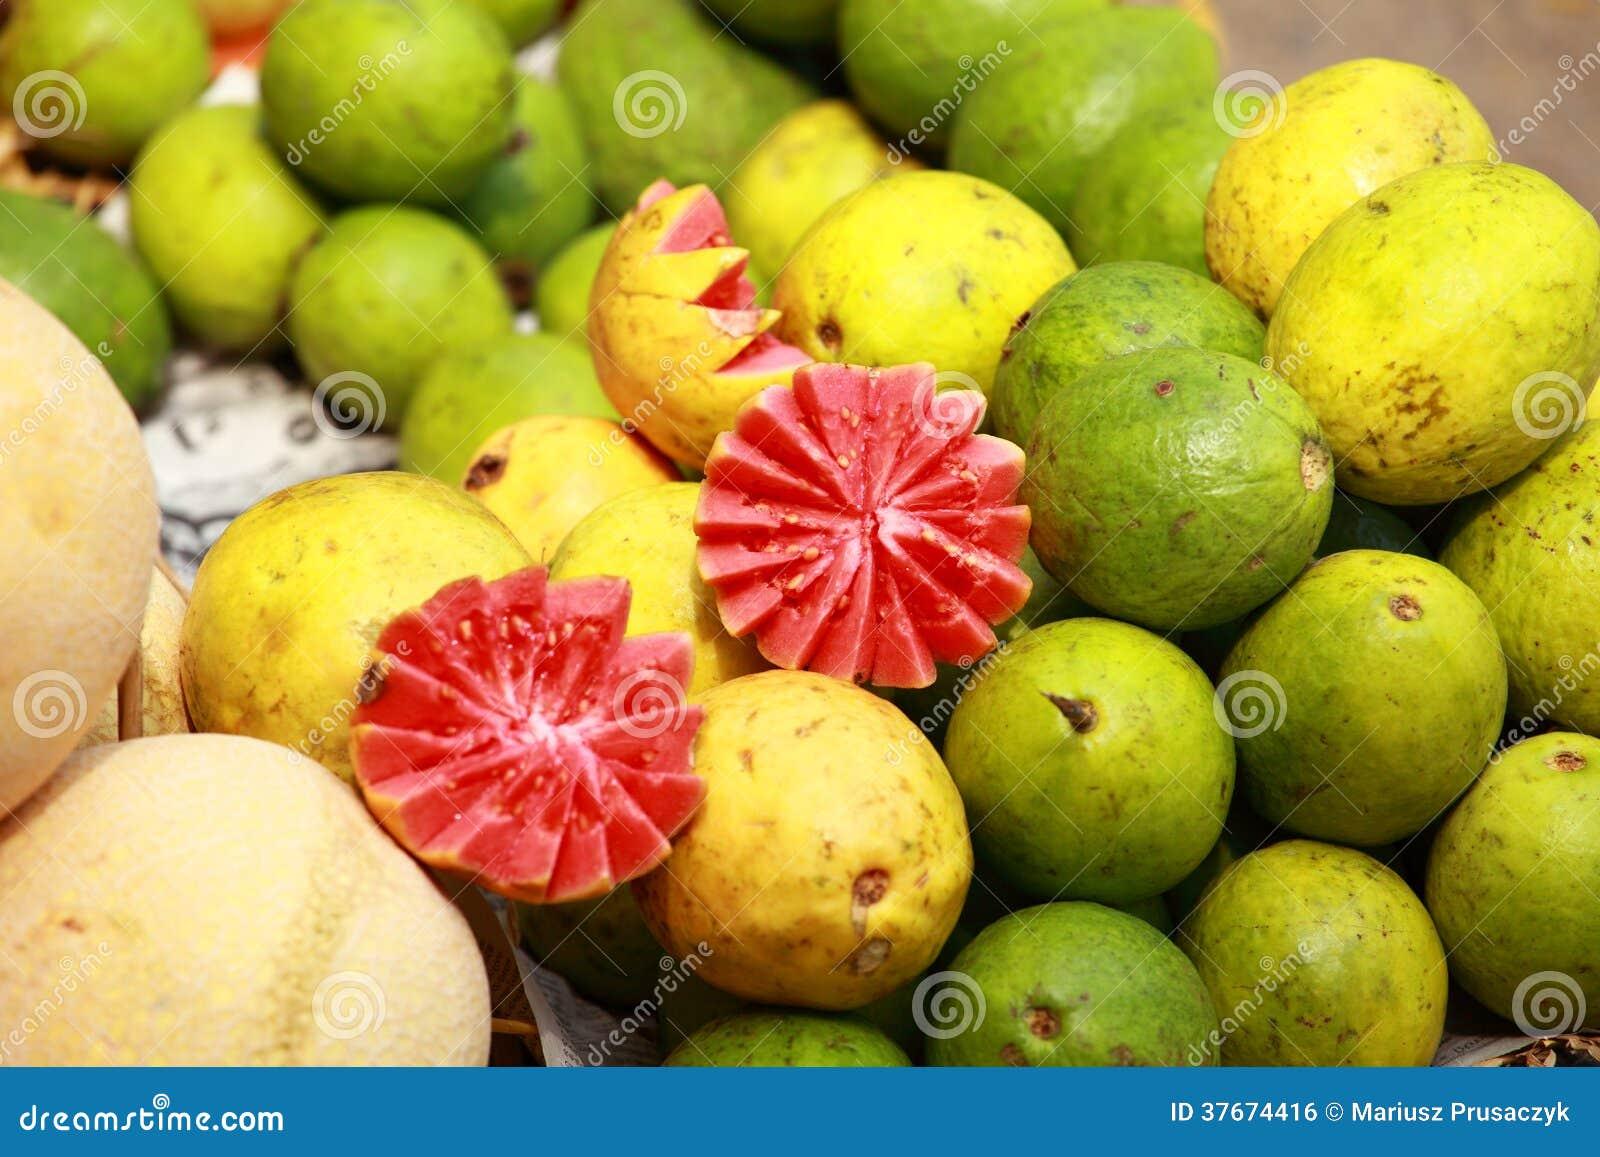 Mercado de fruto fresco na Índia